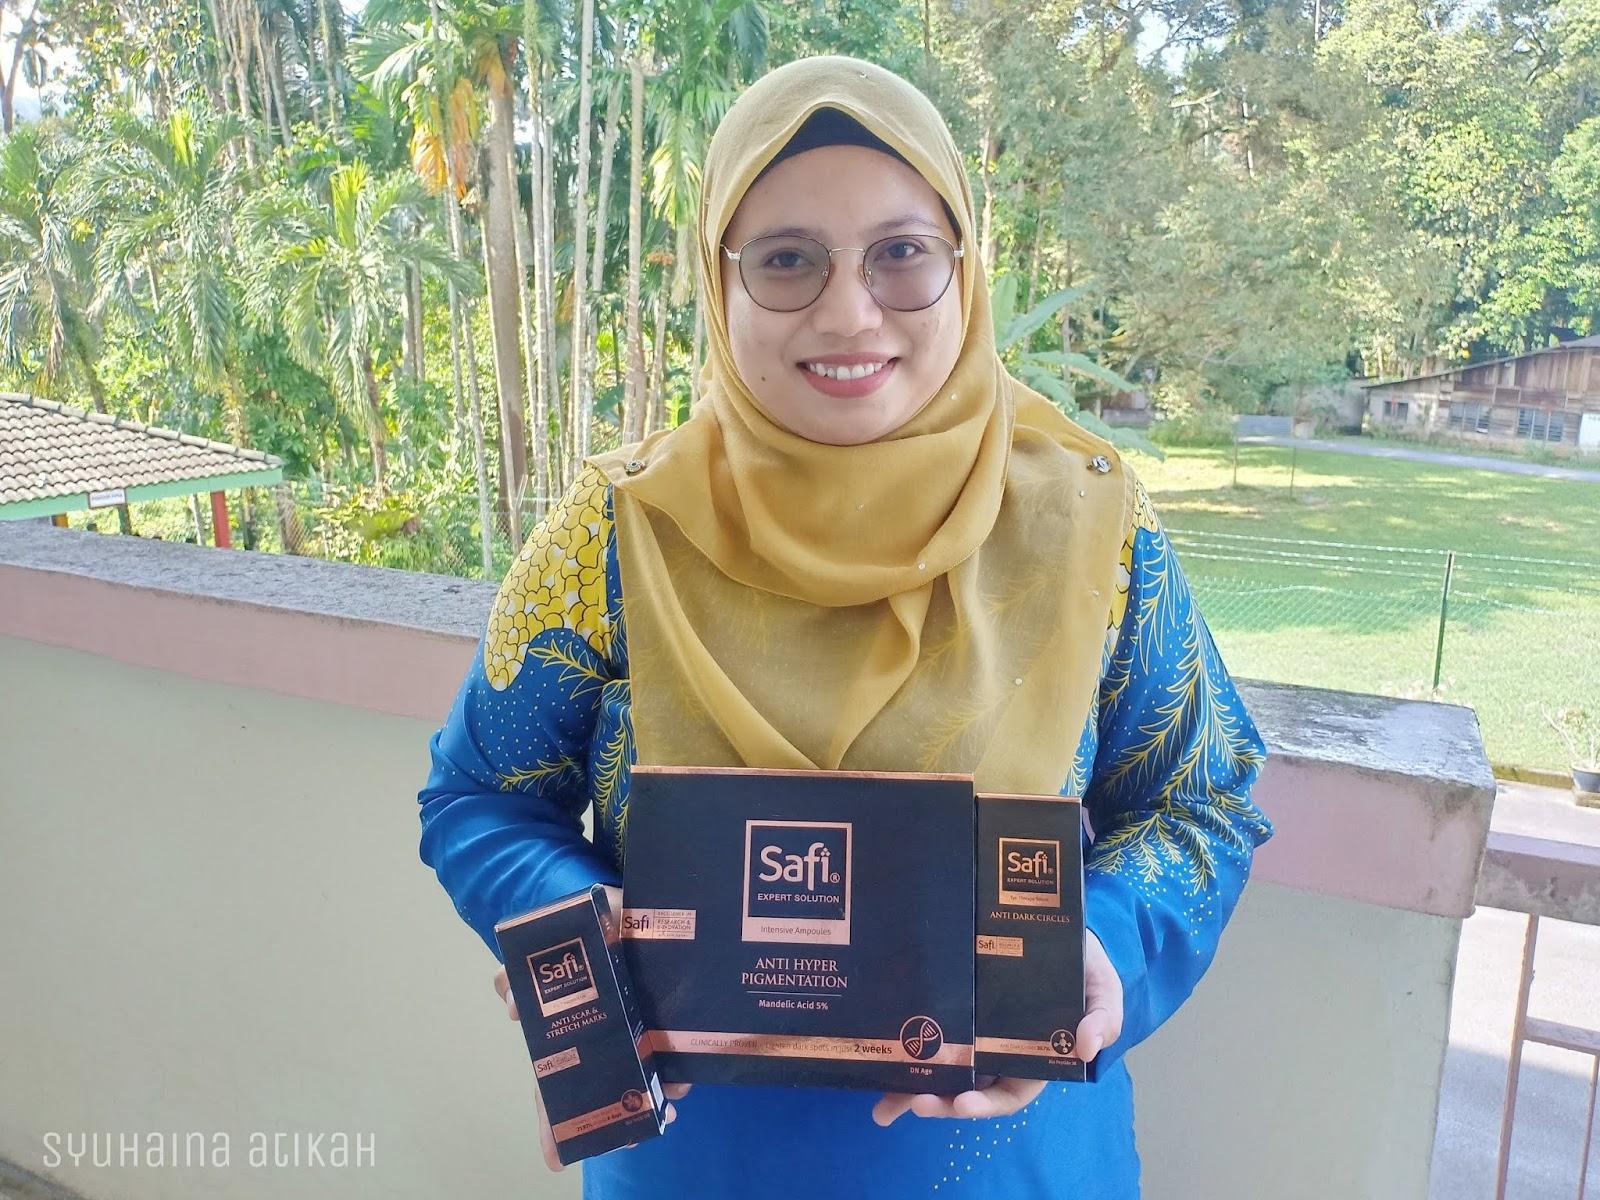 PRODUK TERBARU SAFI MALAYSIA,  SAFI EXPERT SOLUTION